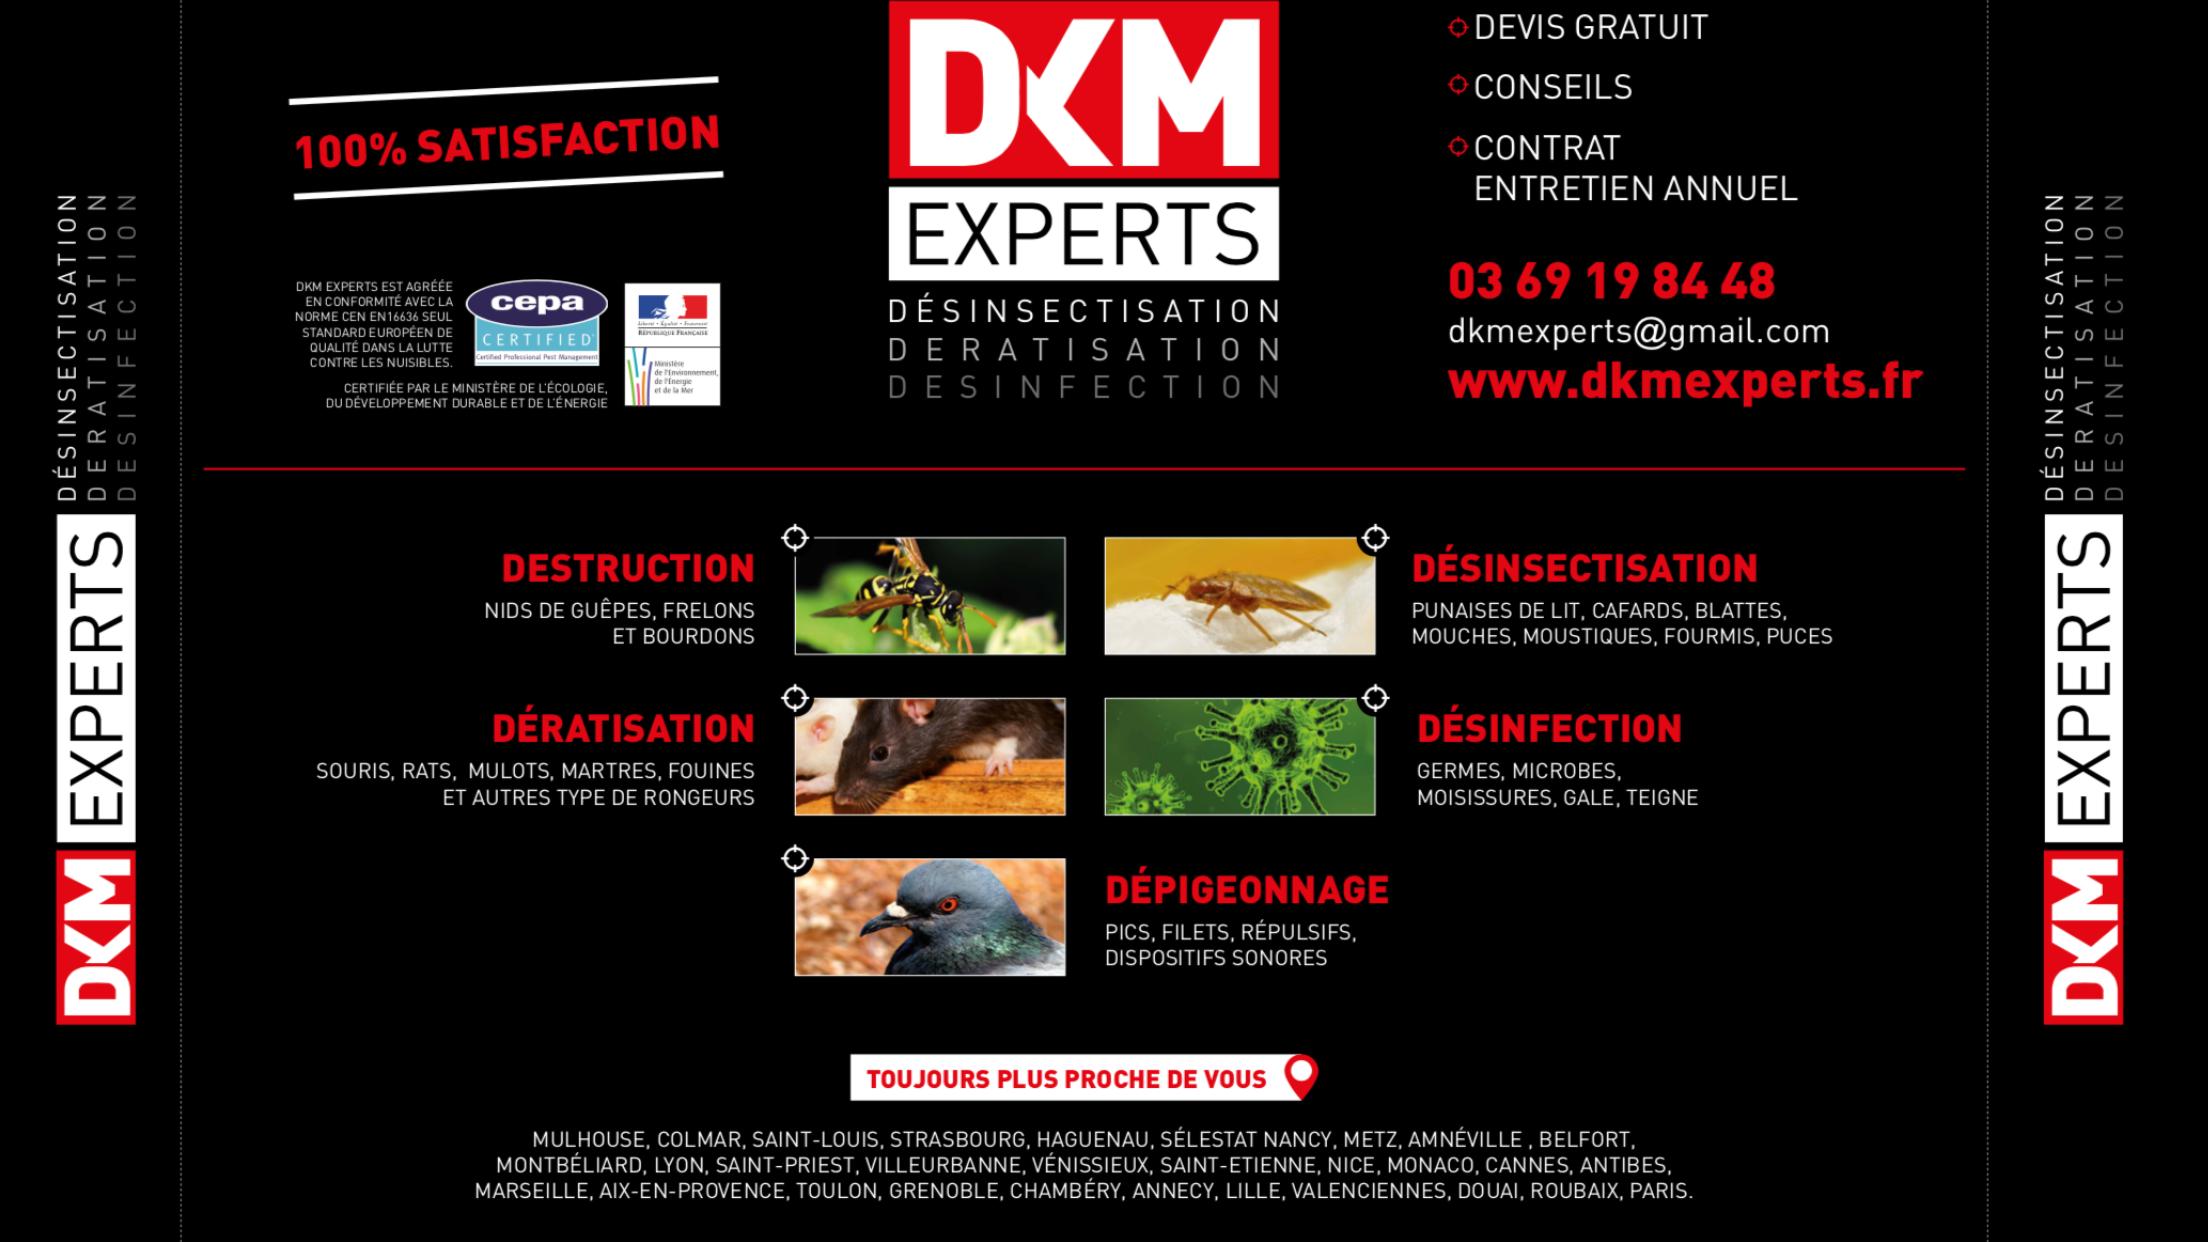 DKM Experts entreprise anti nuisibles à Belfort